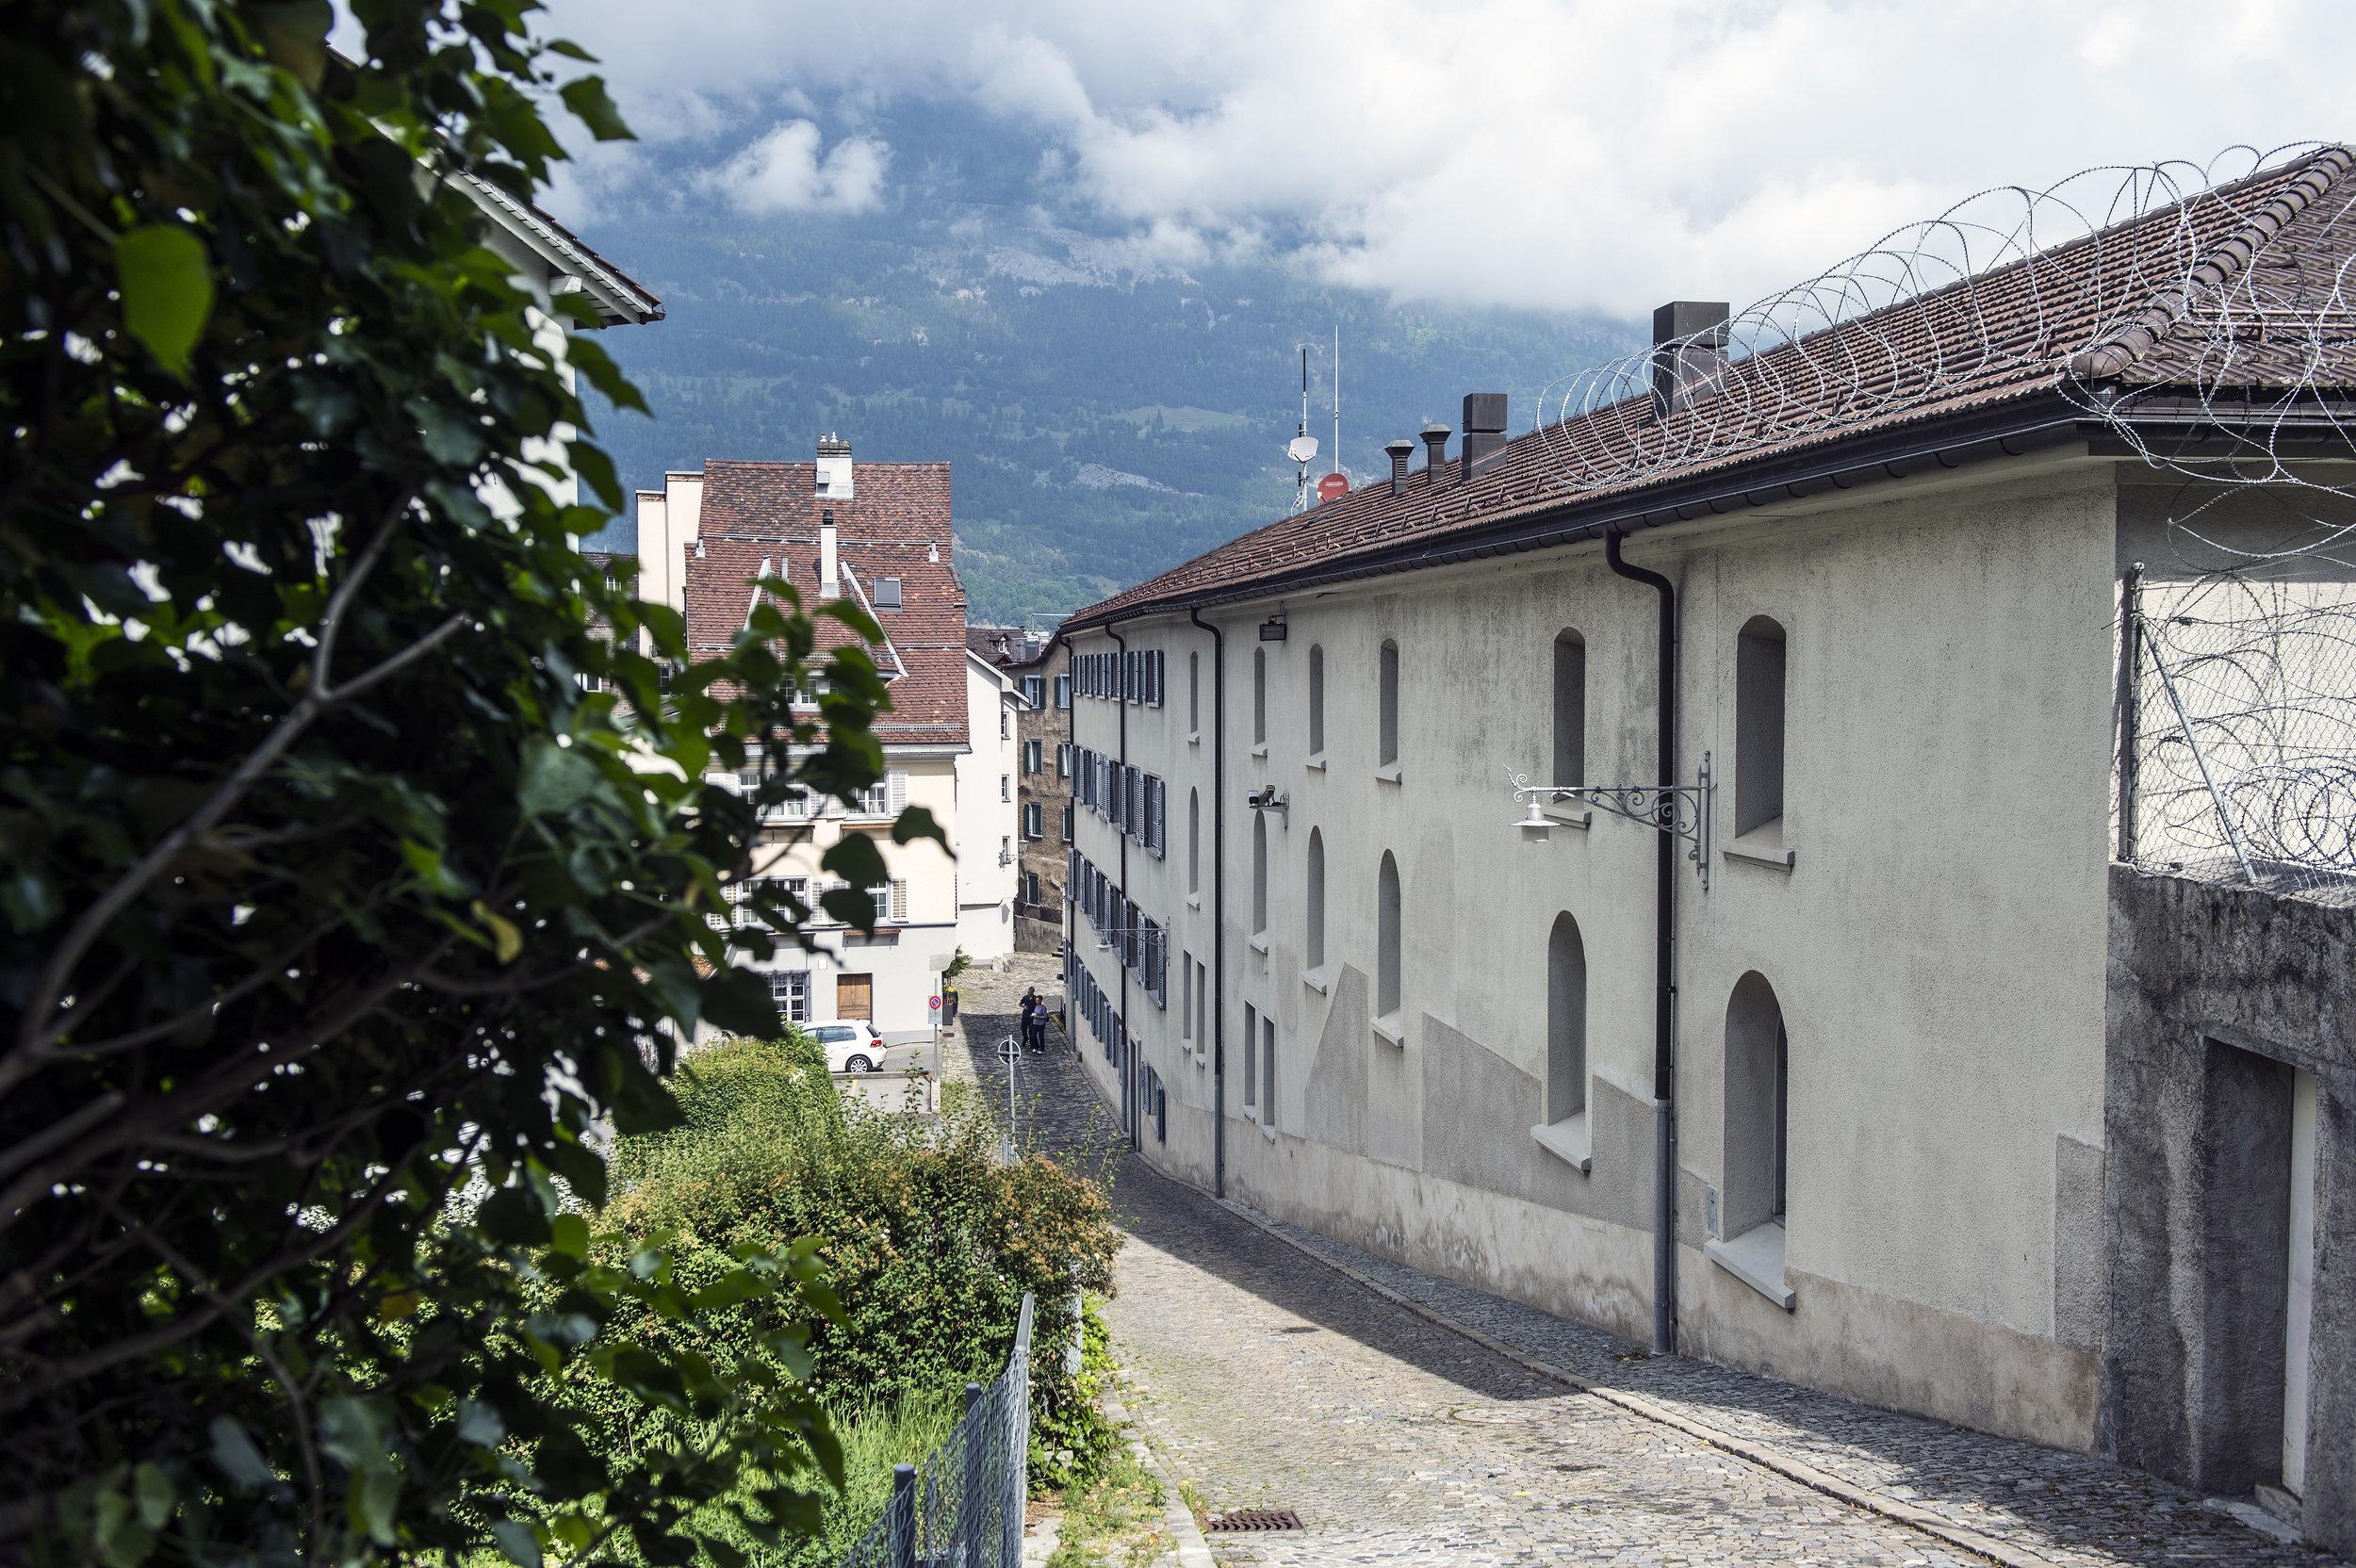 Links Wohnhäuser, rechts die Strafanstalt –heute ist eine so zentrale Lage für Strafanstalten unüblich.